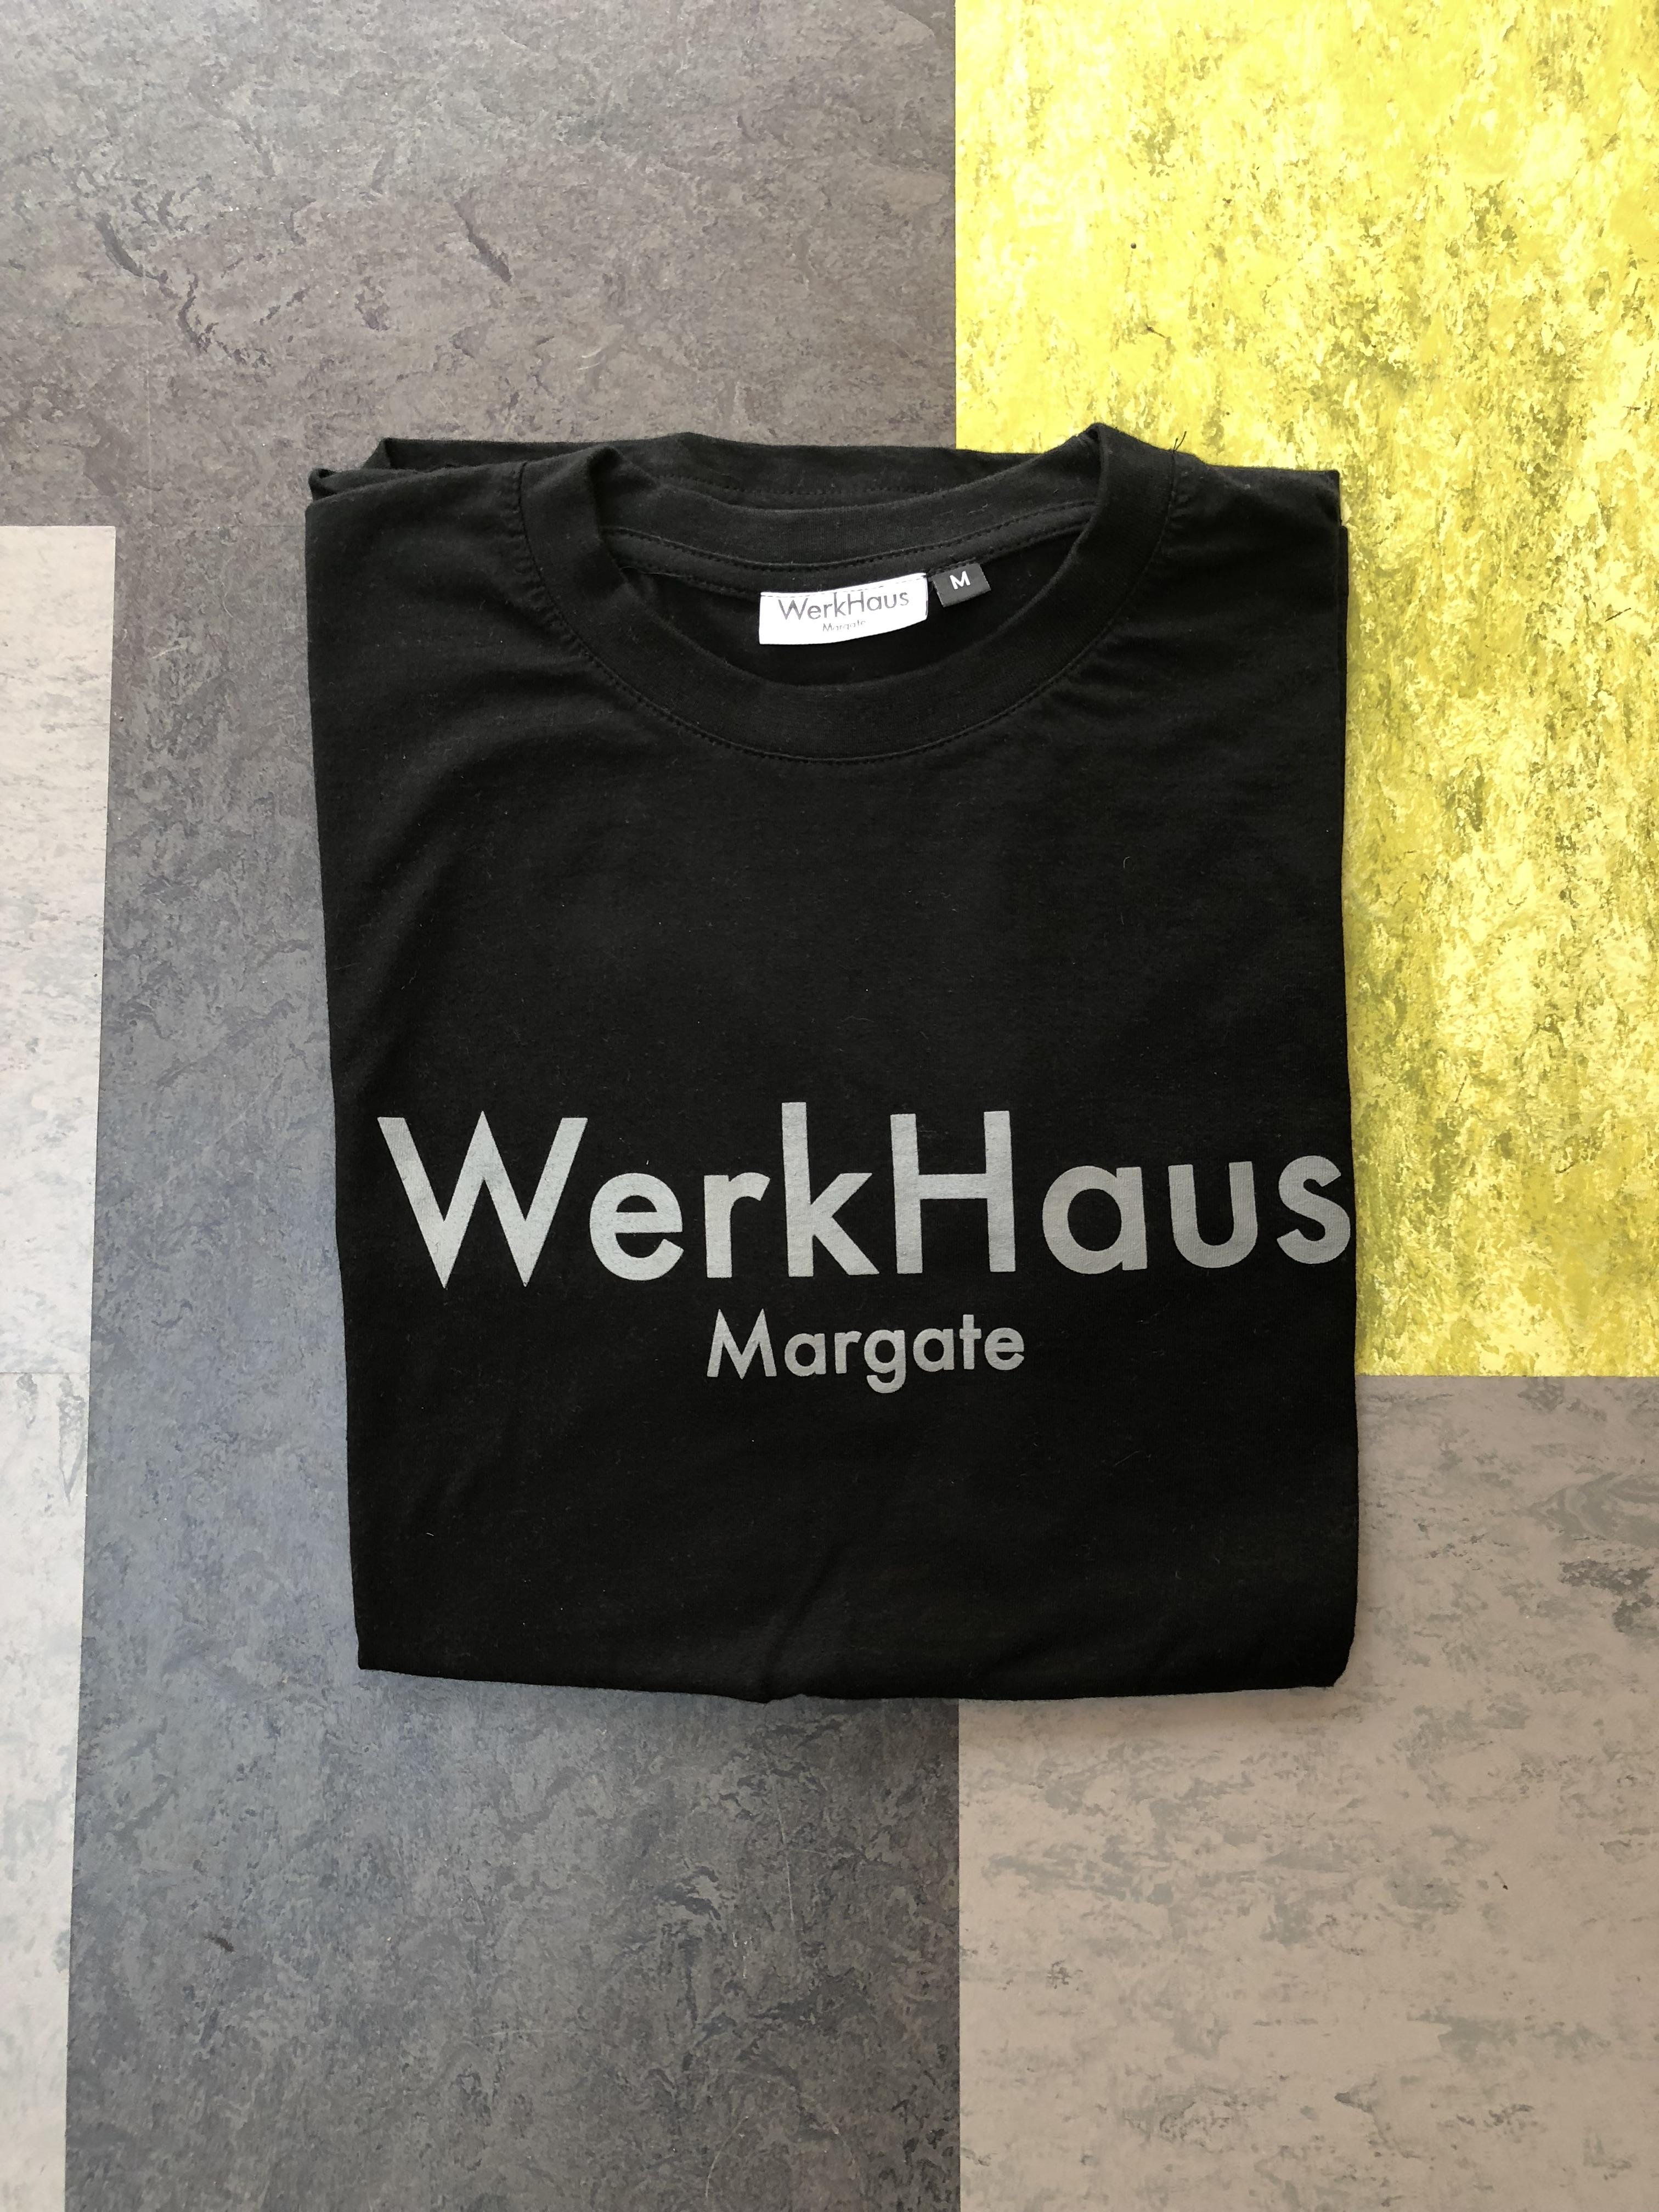 WerkHaus T-shirt